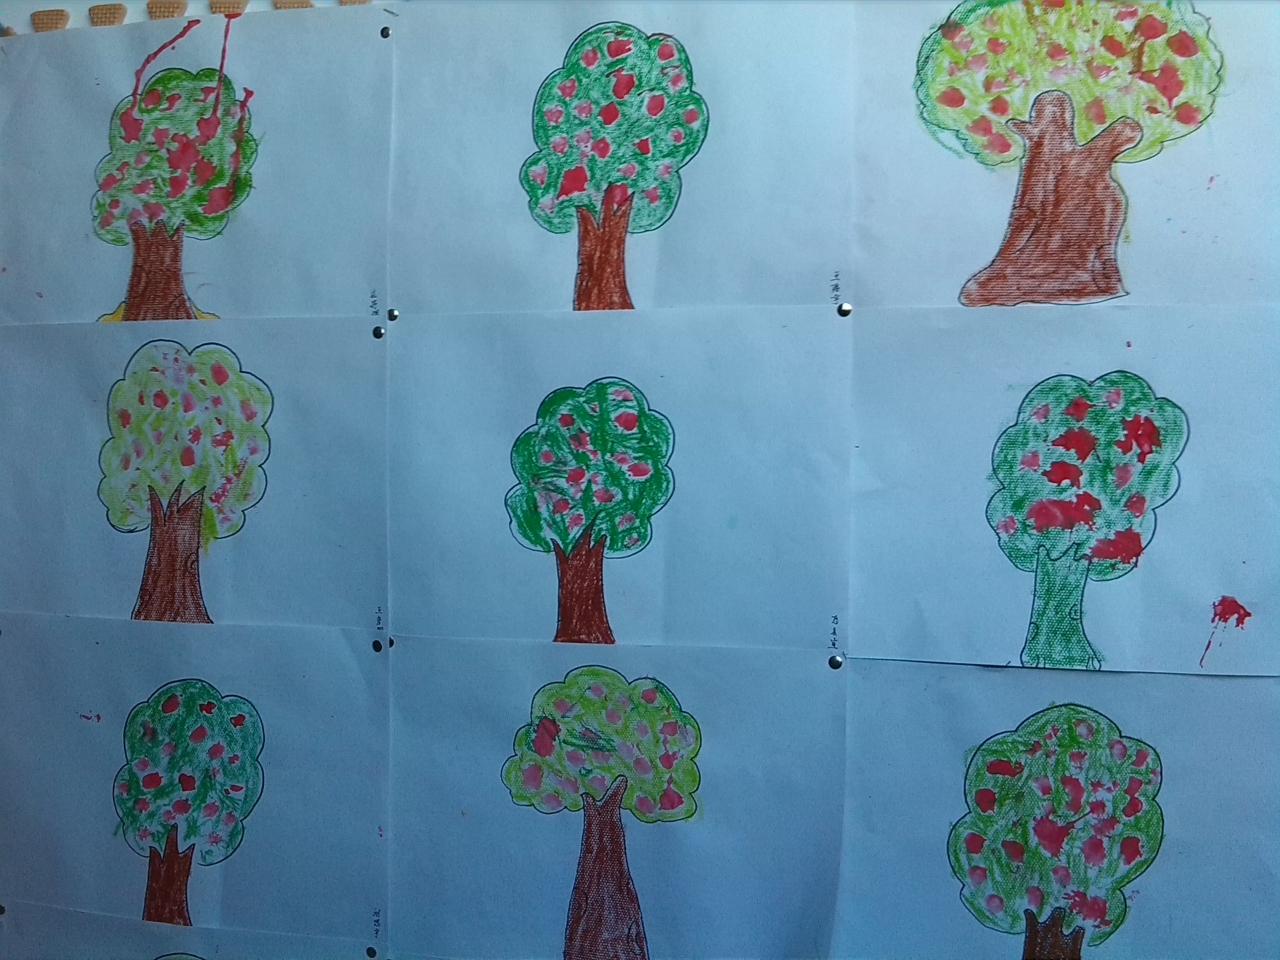 河路幼儿园樱桃班——手指点画; 小班幼儿手指点画_小班手指点画